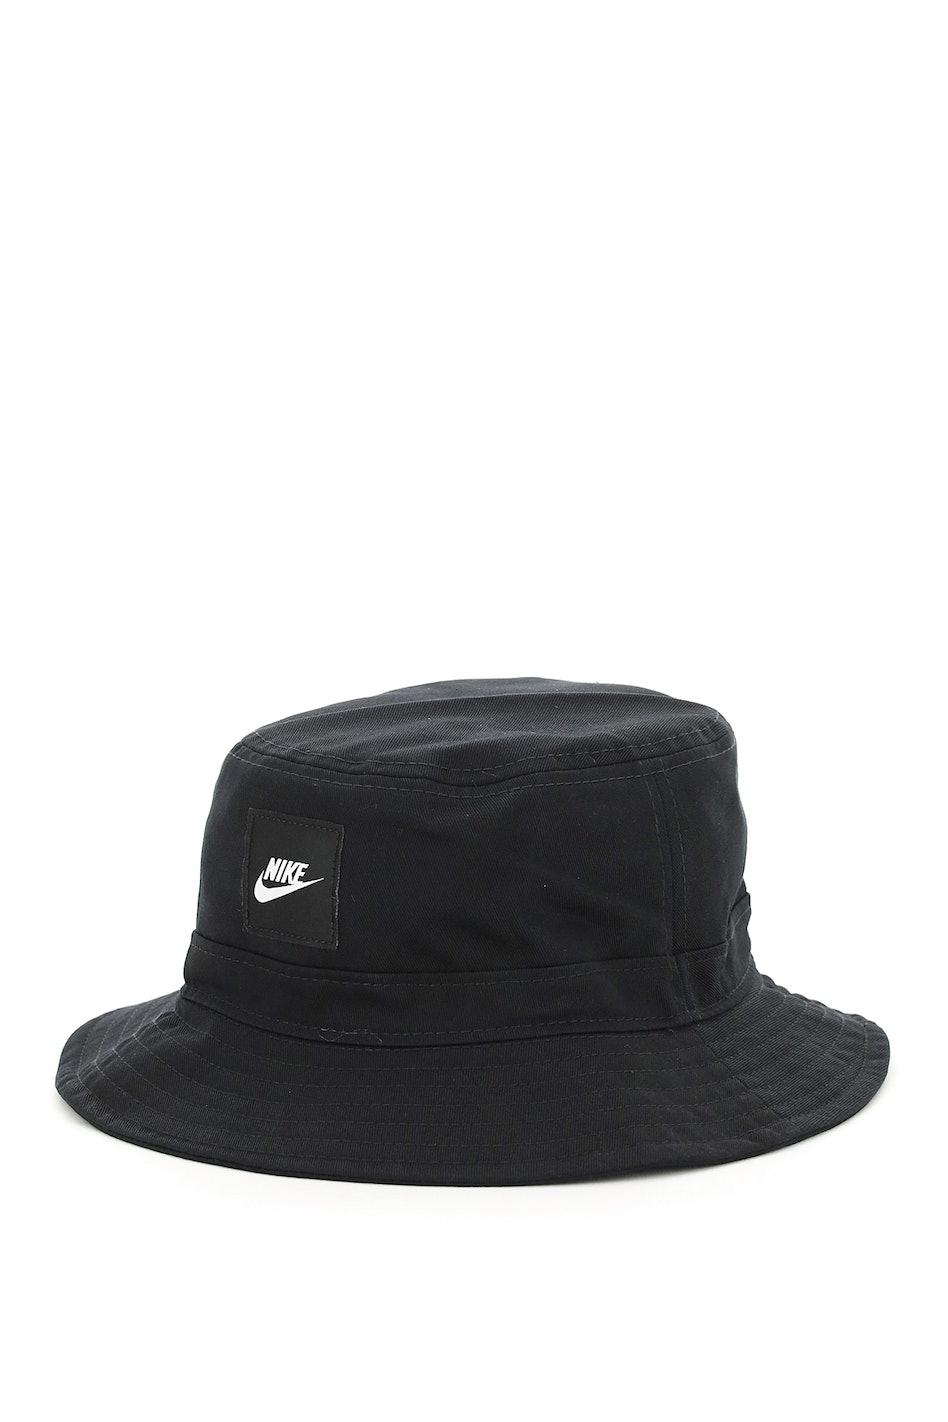 Nike Futura Core Bucket Hat: additional image